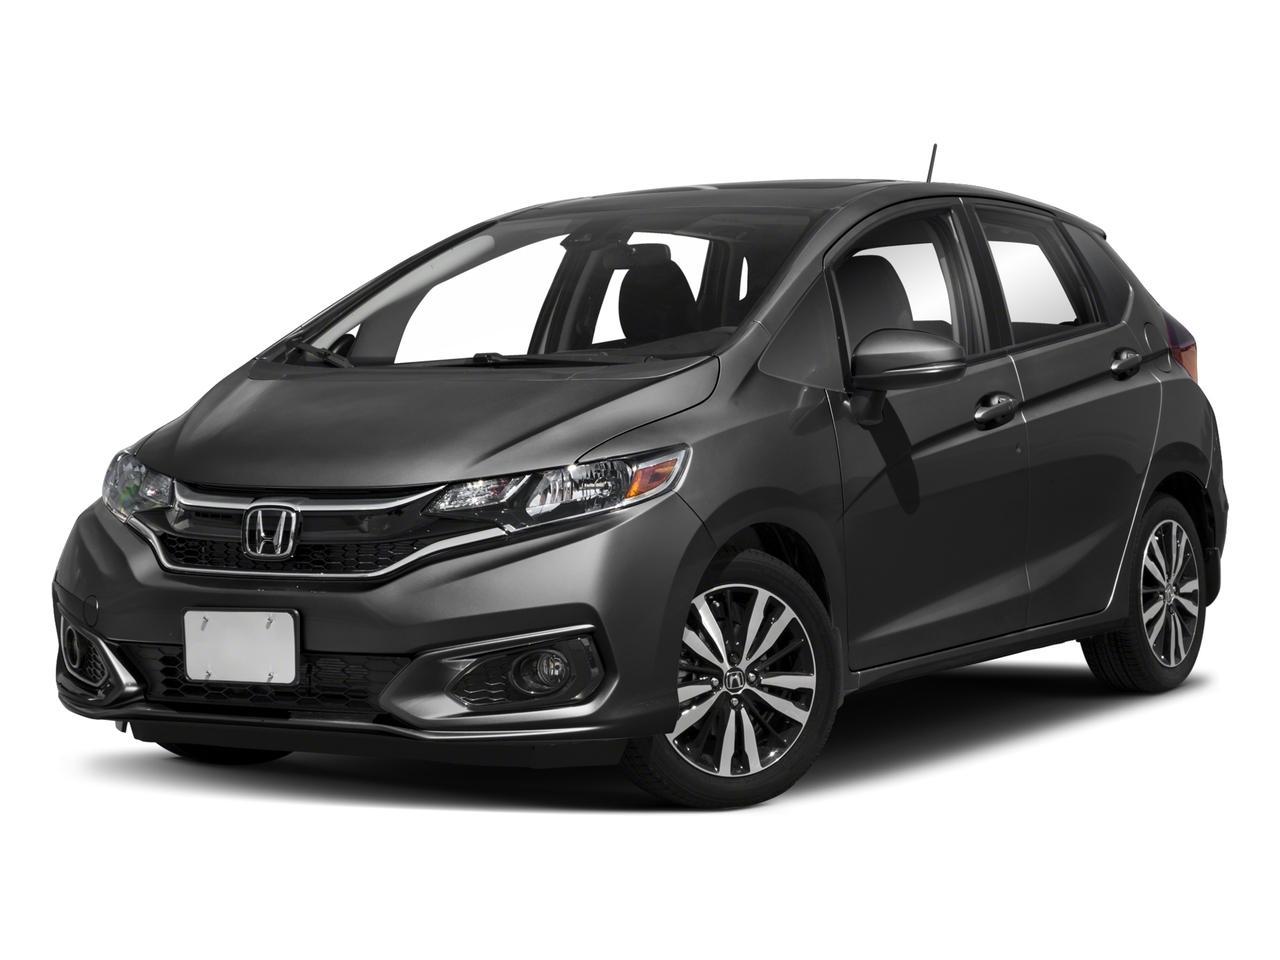 2018 Honda Fit Vehicle Photo in Oshkosh, WI 54904